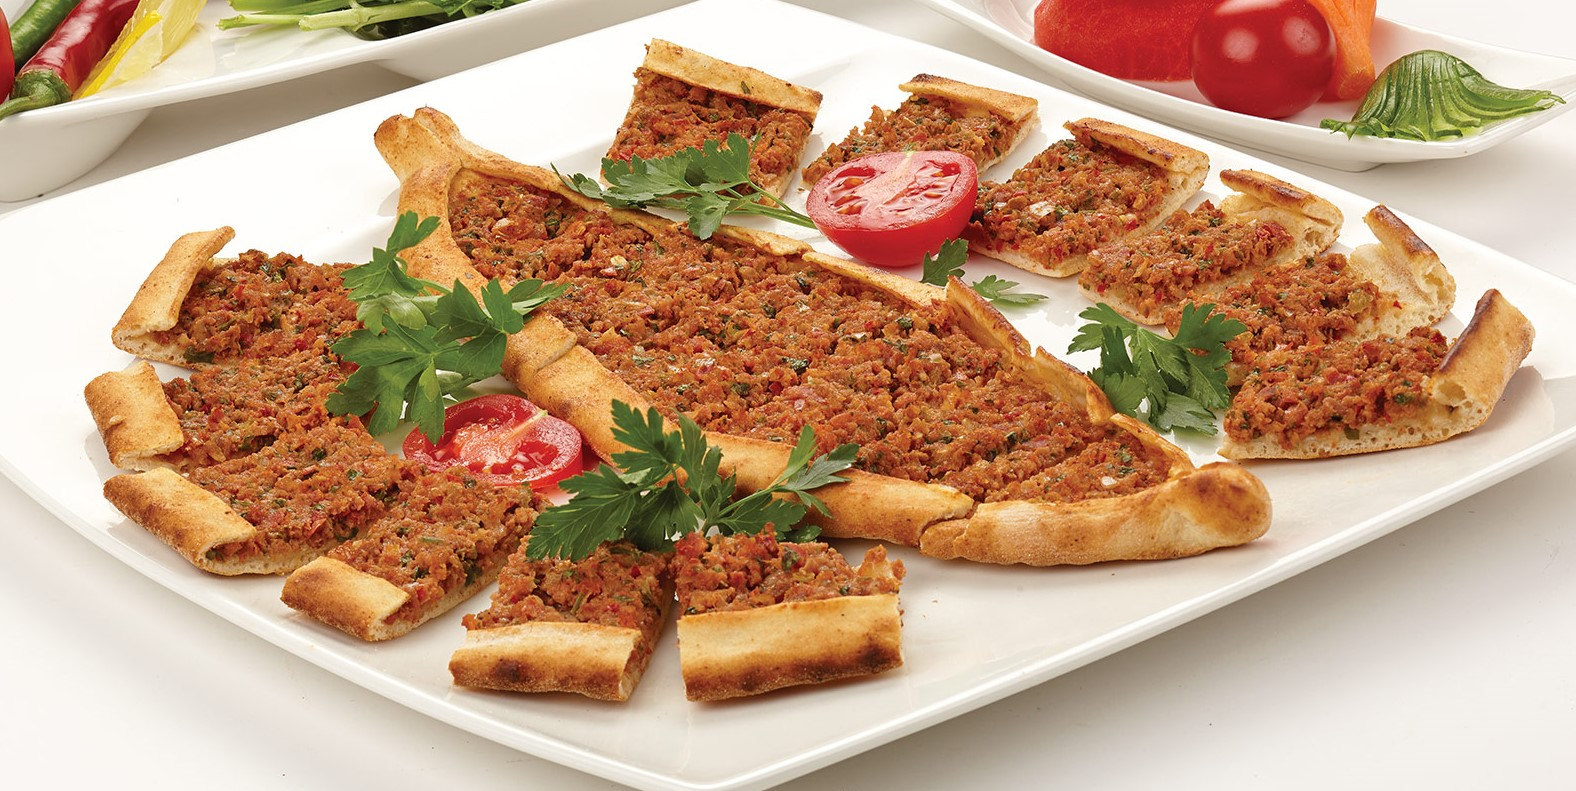 پیده از غذاهای ترکیه ای